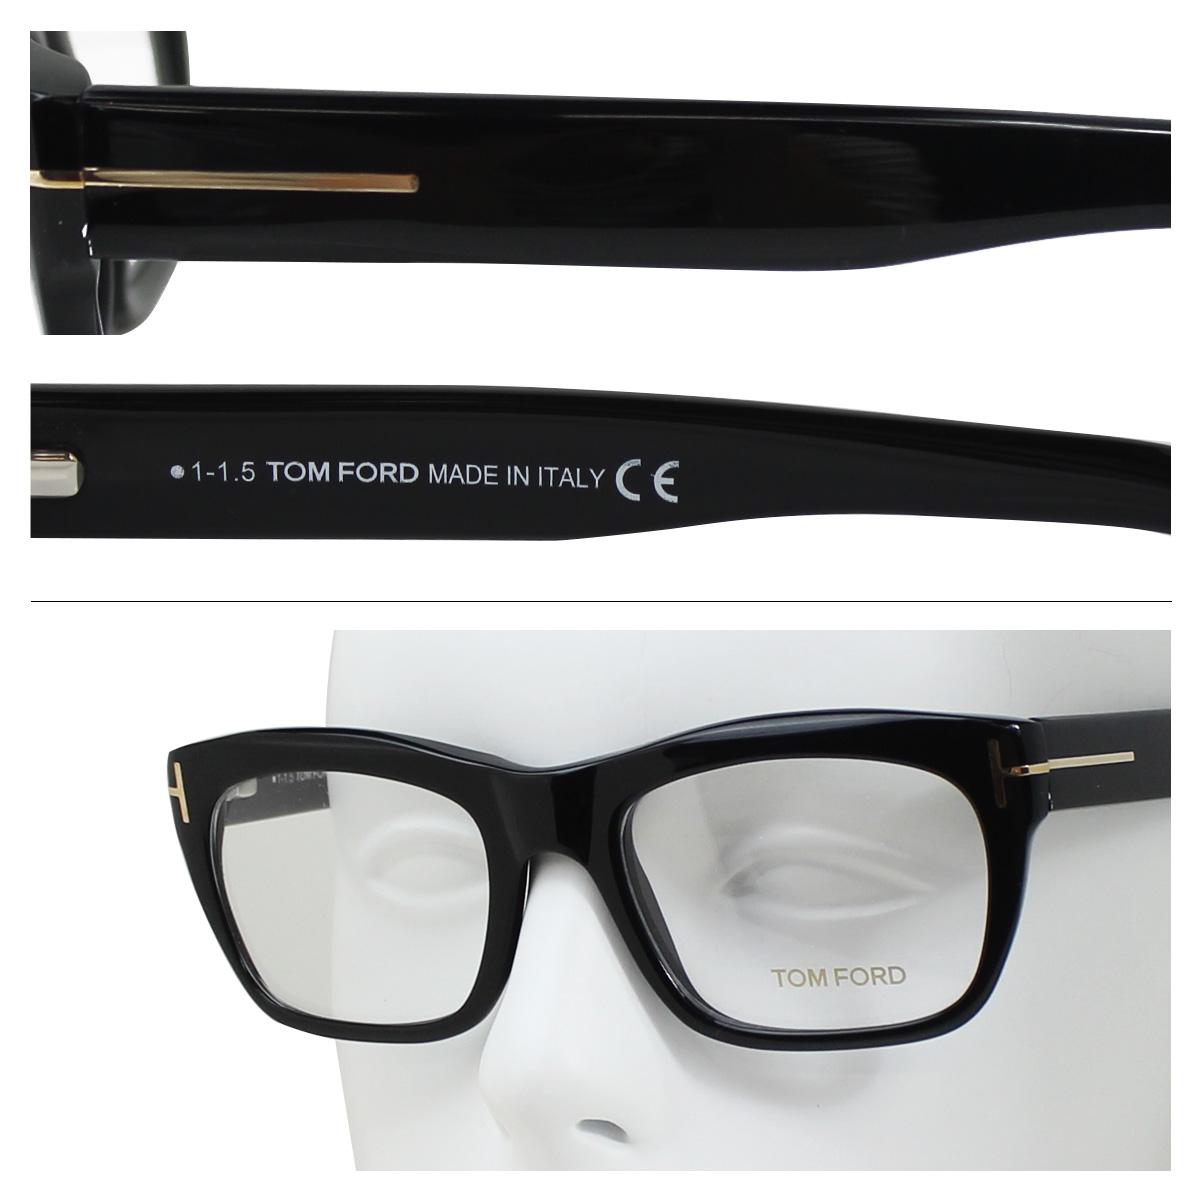 d580826324ba Tom Ford TOM FORD men s women s eyeglasses eyewear glasses  8 24 new in  stock